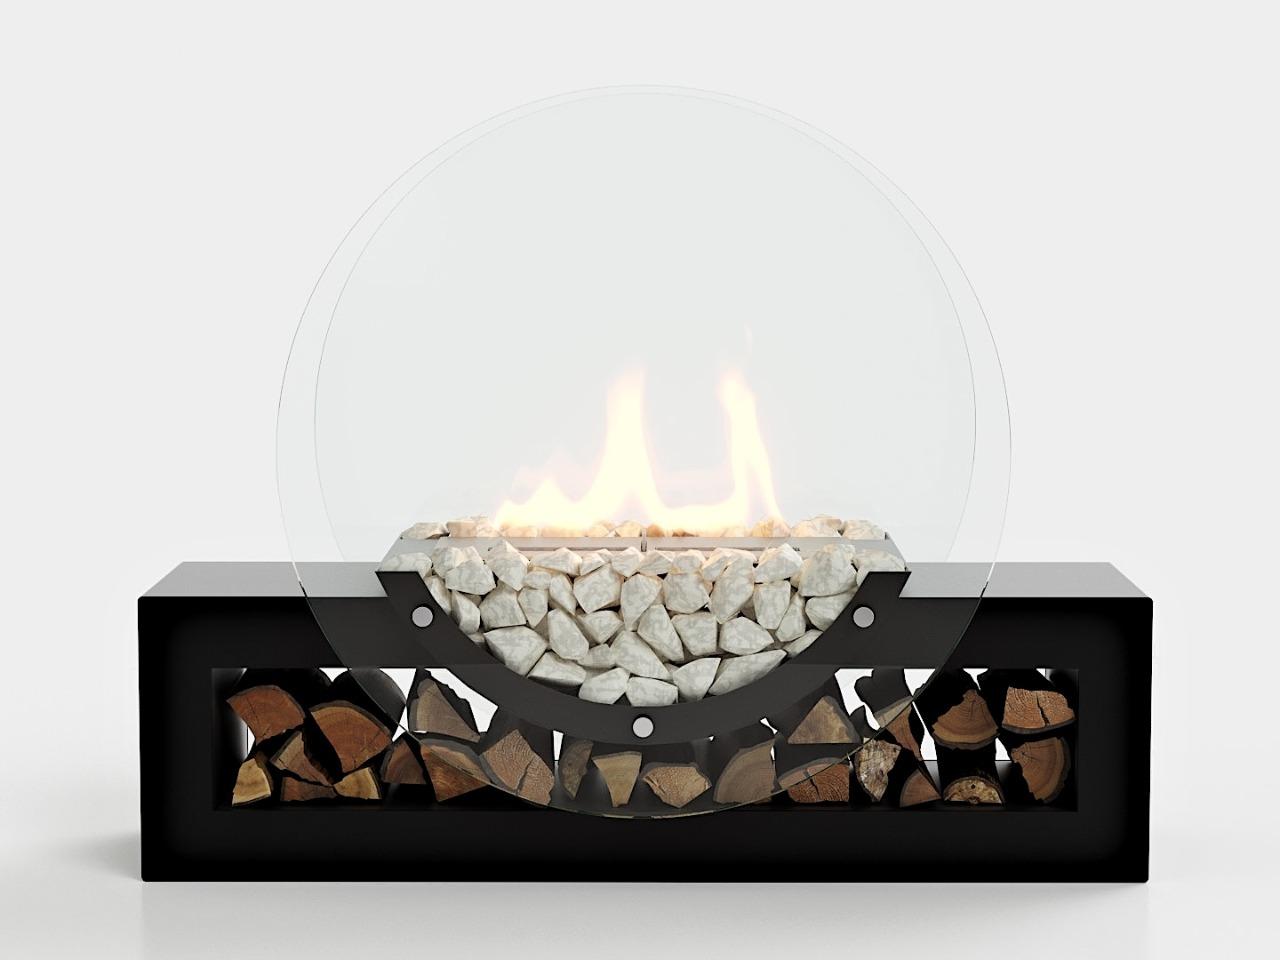 Напольный-биокамин-Рональдо-lux-fire-1.jpeg